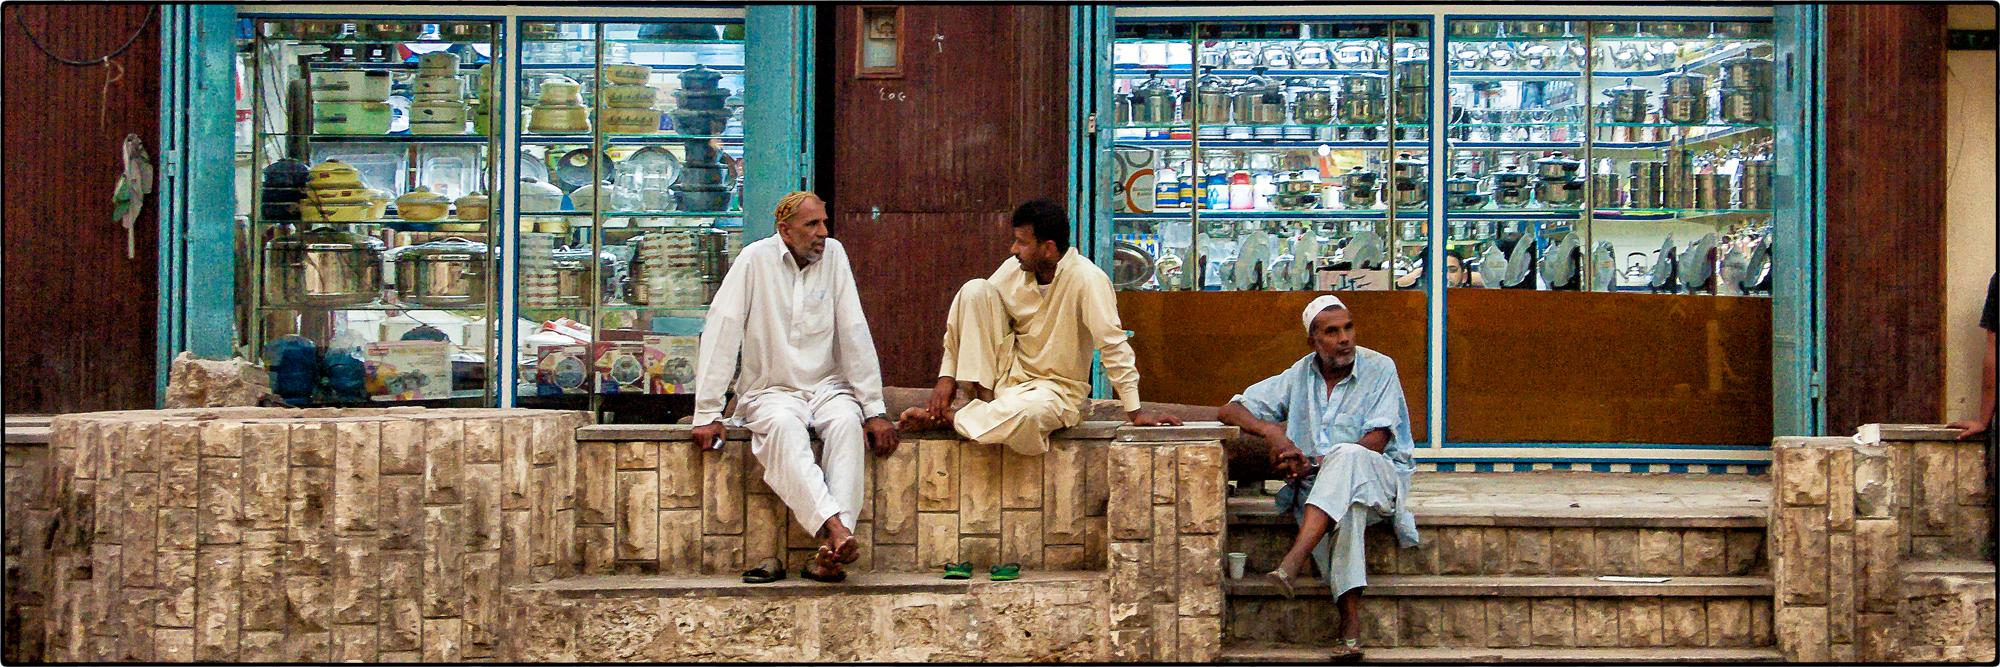 Jeddah -